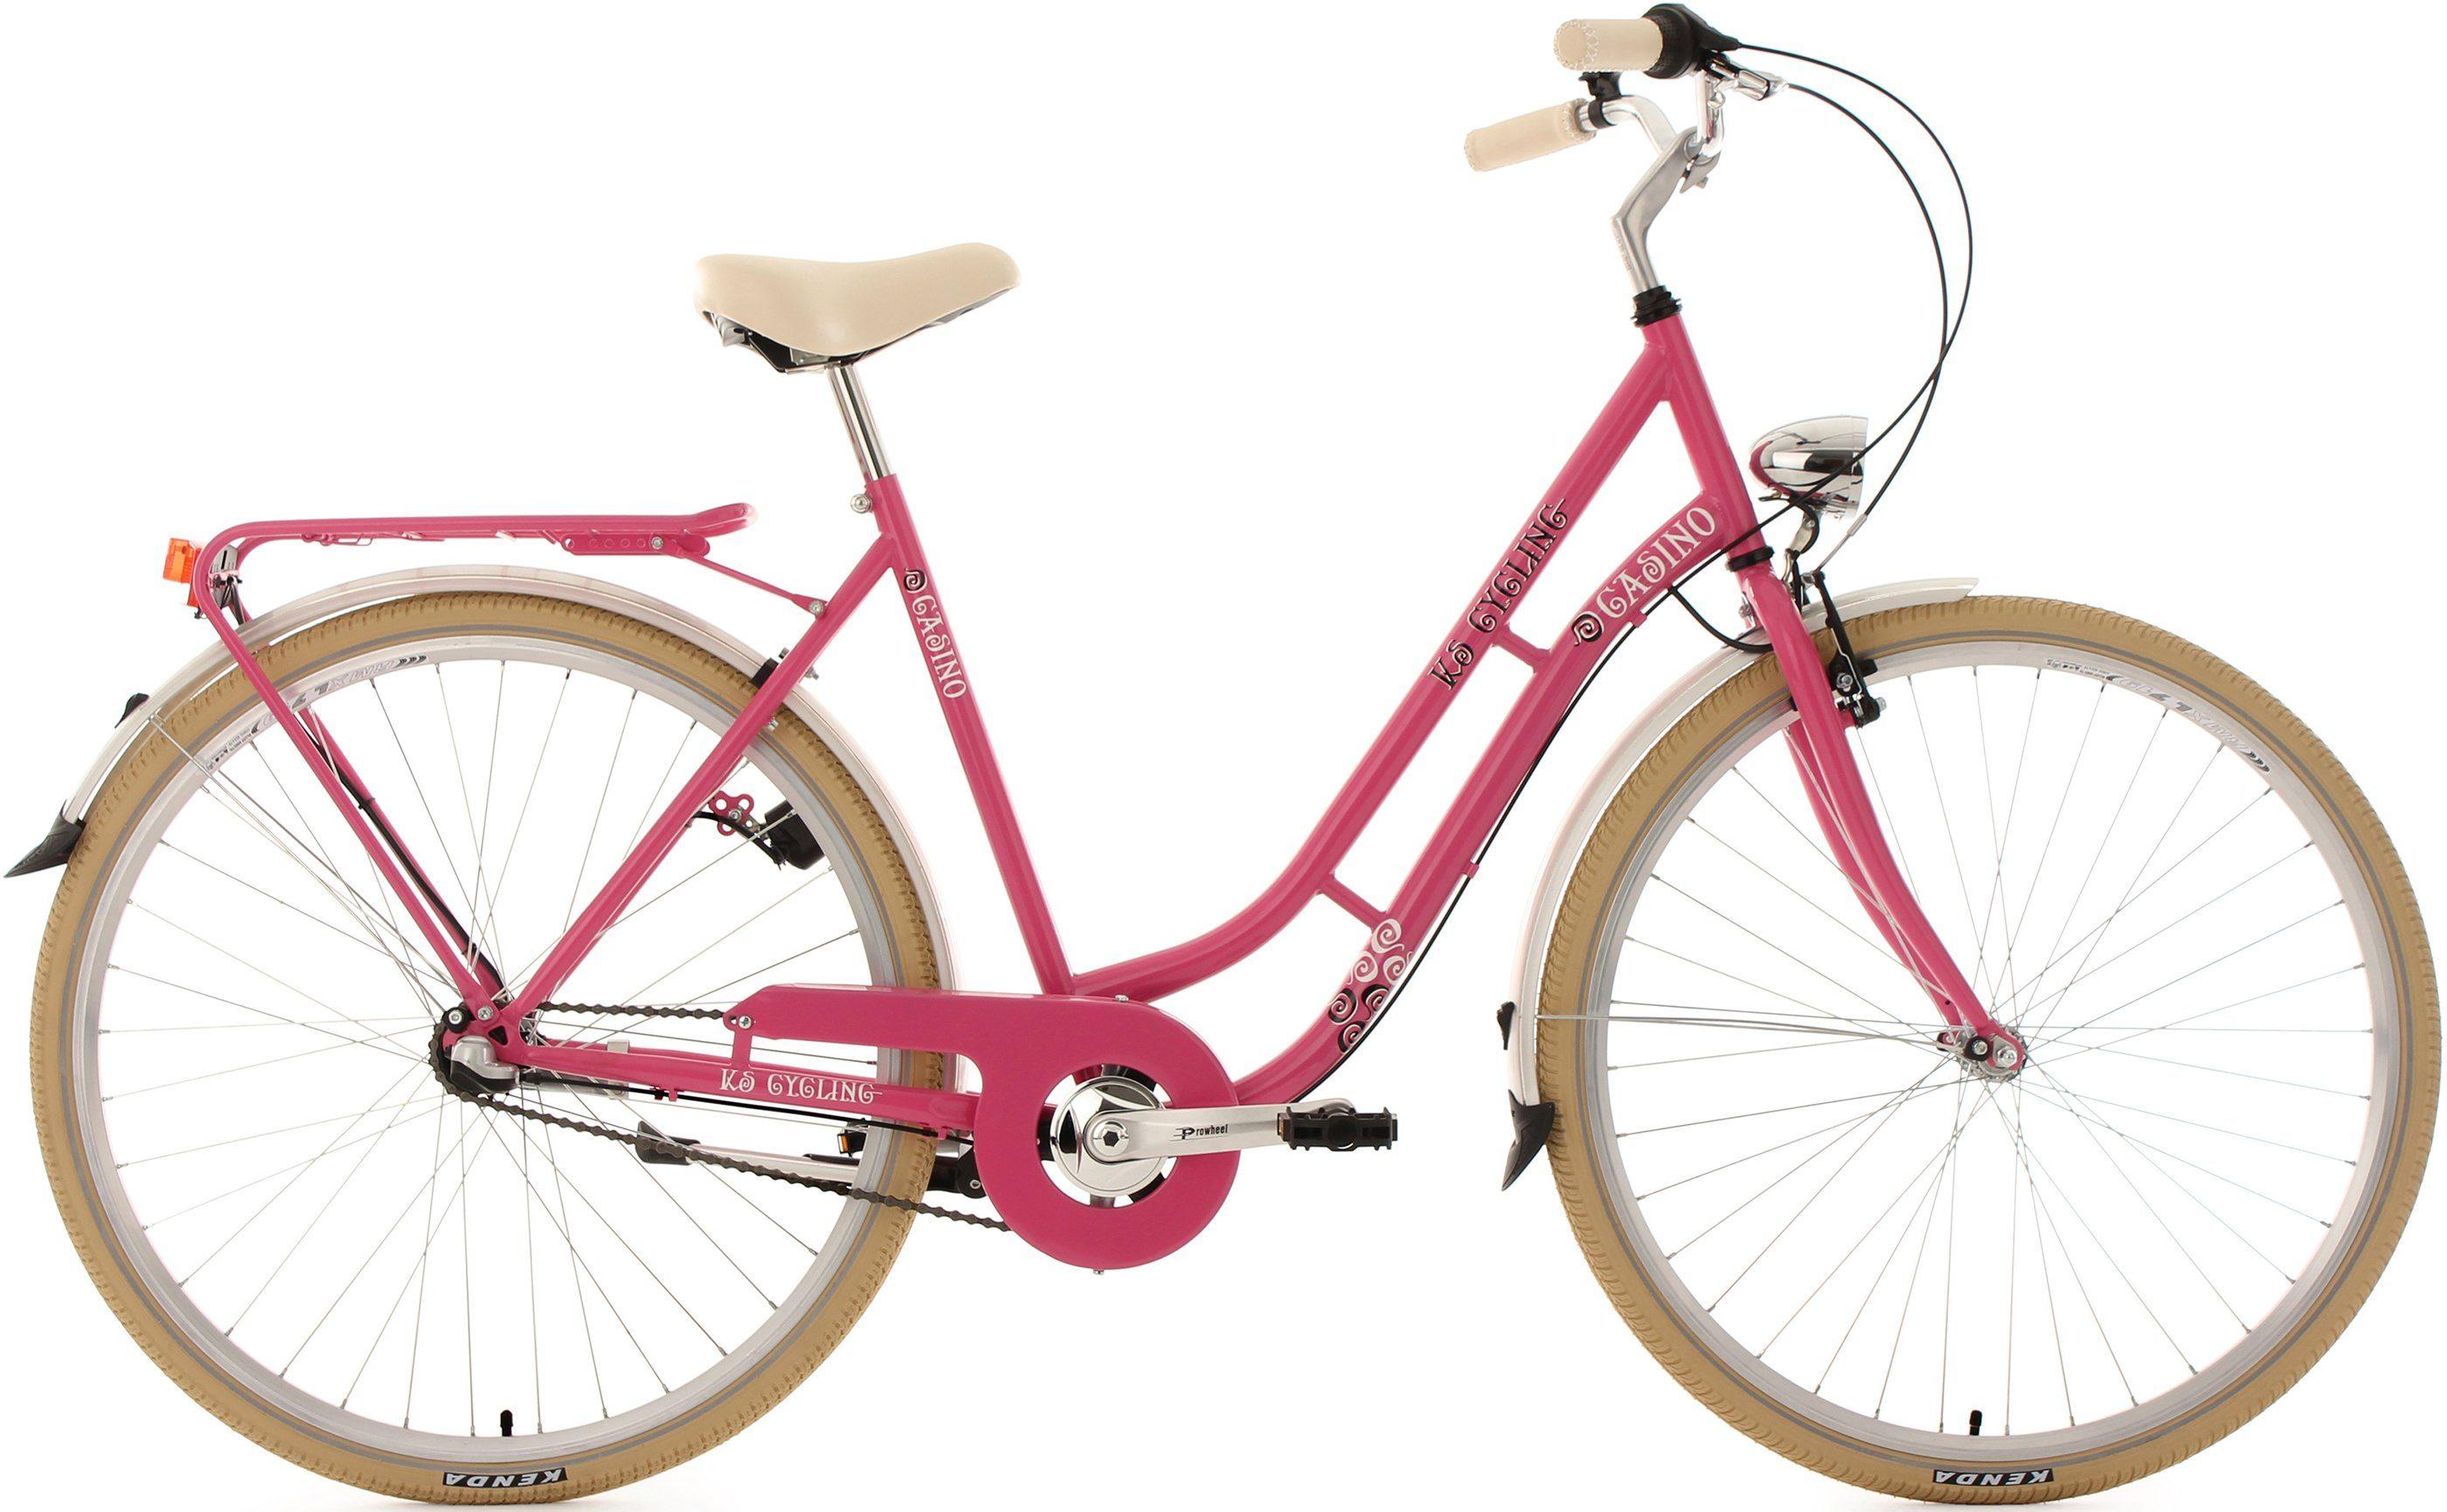 KS Cycling Damen-Cityrad, 28 Zoll, 3 Gang Shimano Nexus Nabenschaltung, »Casino«